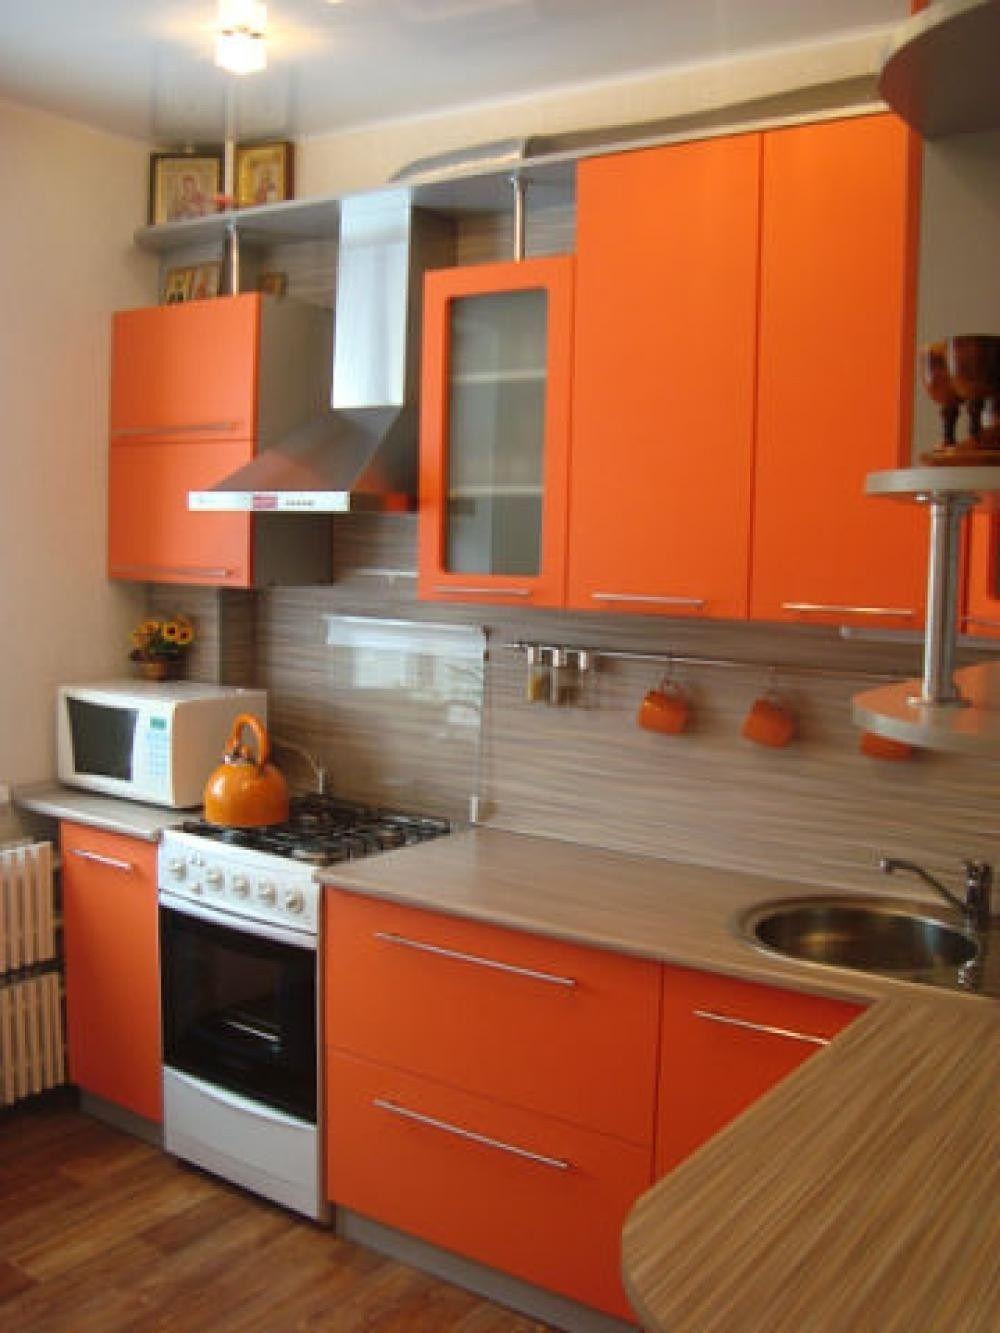 110 Burnt Orange Kitchen Decor Ideas Kitchen Cabinets Color Combination Orange Kitchen Decor Modern Kitchen Cabinets